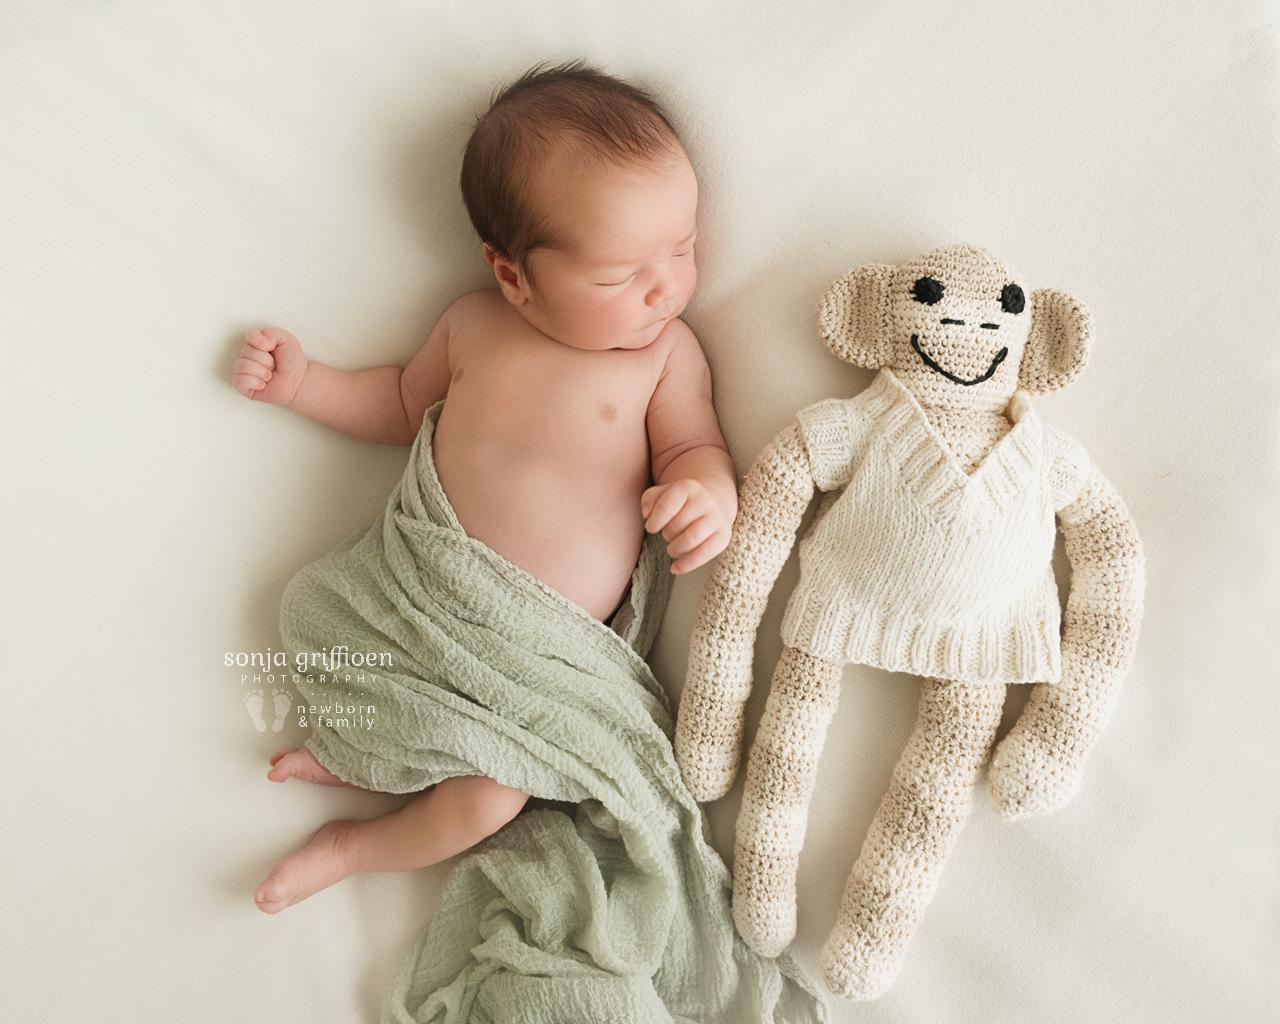 Martien-Newborn-Brisbane-Newborn-Photographer-Sonja-Griffioen-08.jpg